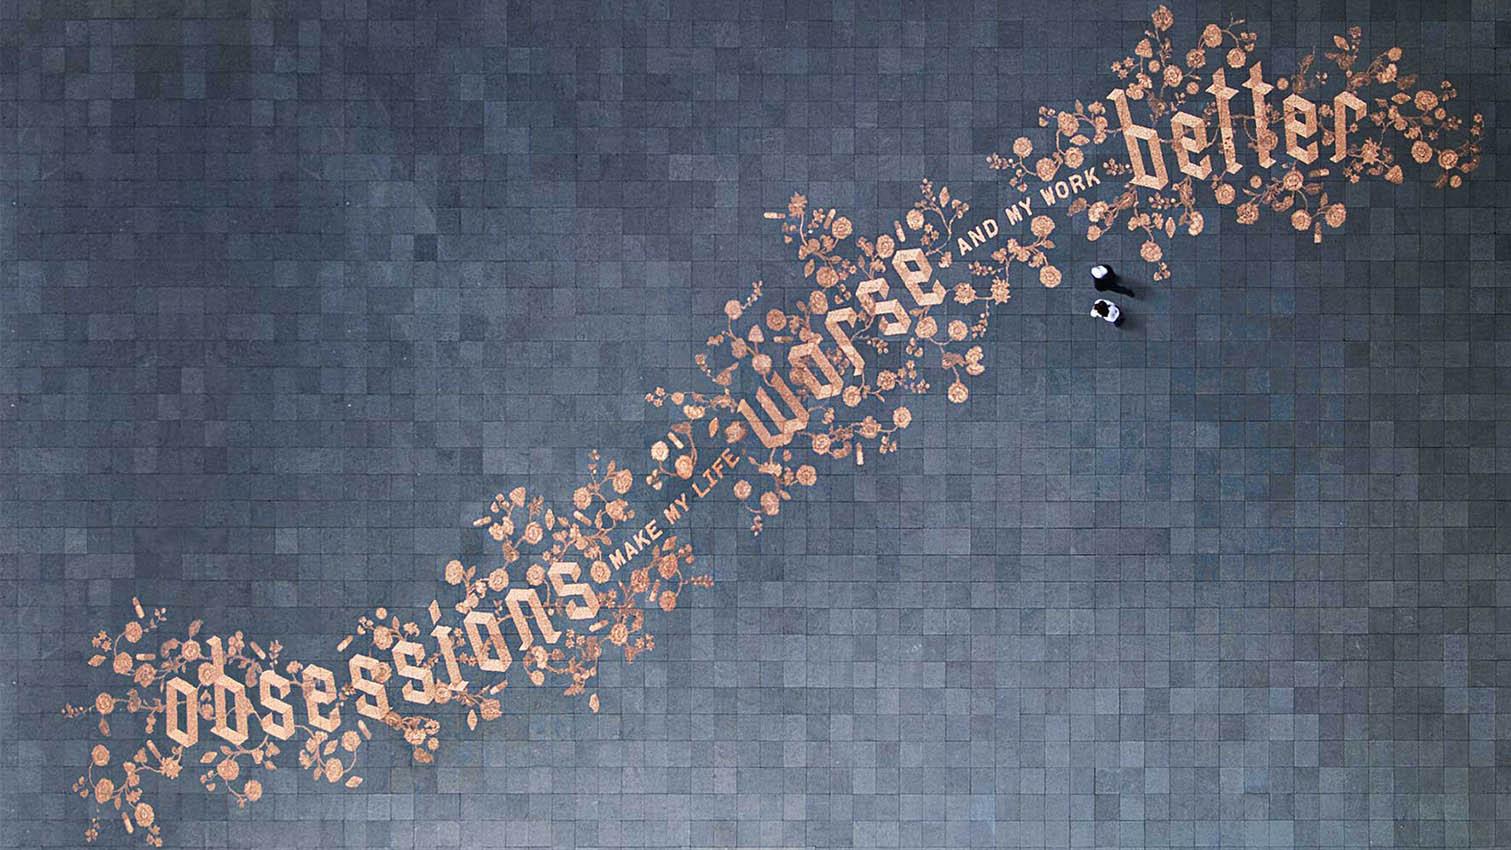 performace di Stefan Sagmeister